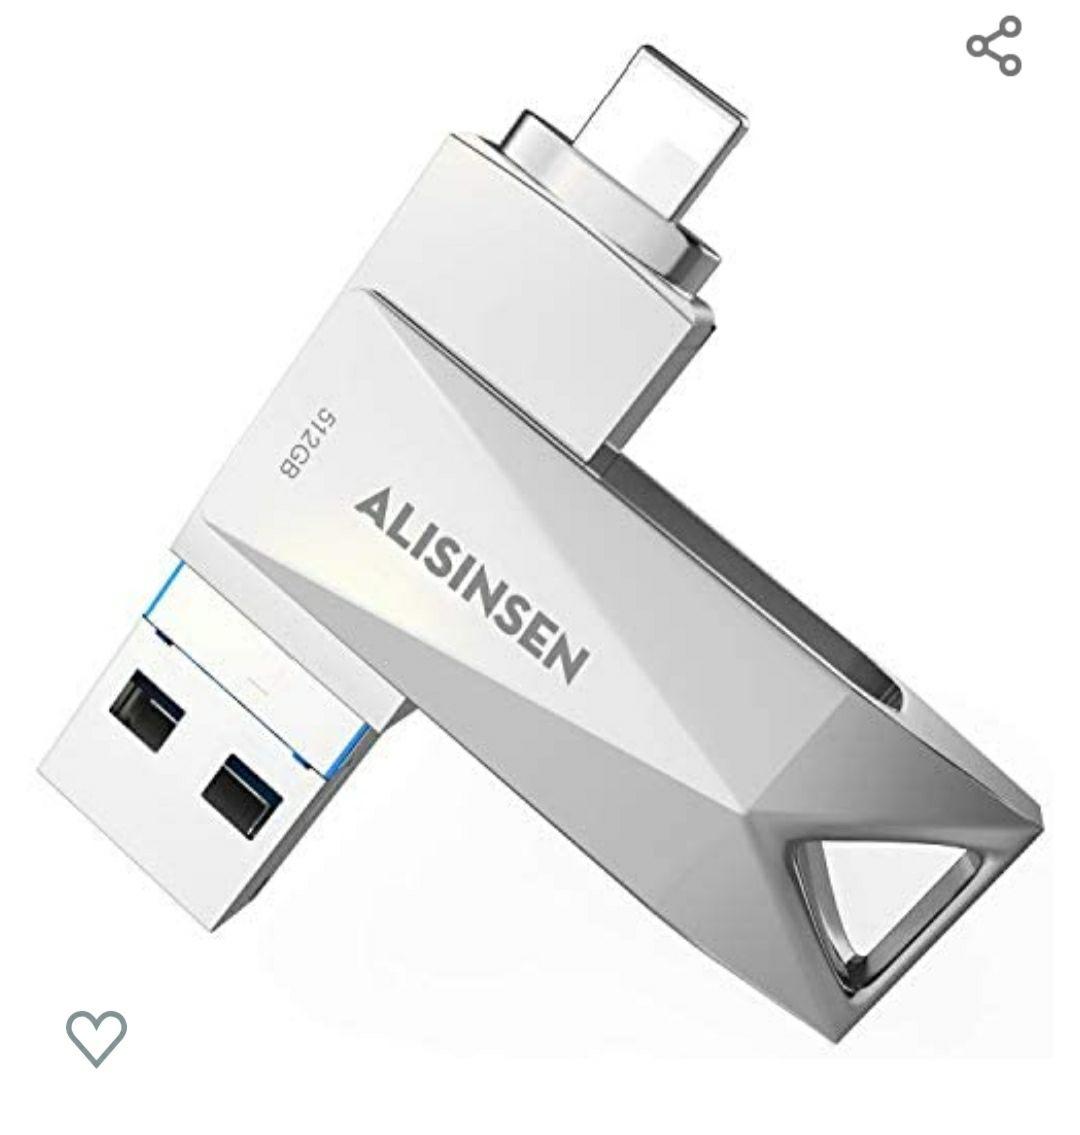 Amazon: Unidad flash USB para iPhone de 512 GB con adaptador tipo C para iPhone